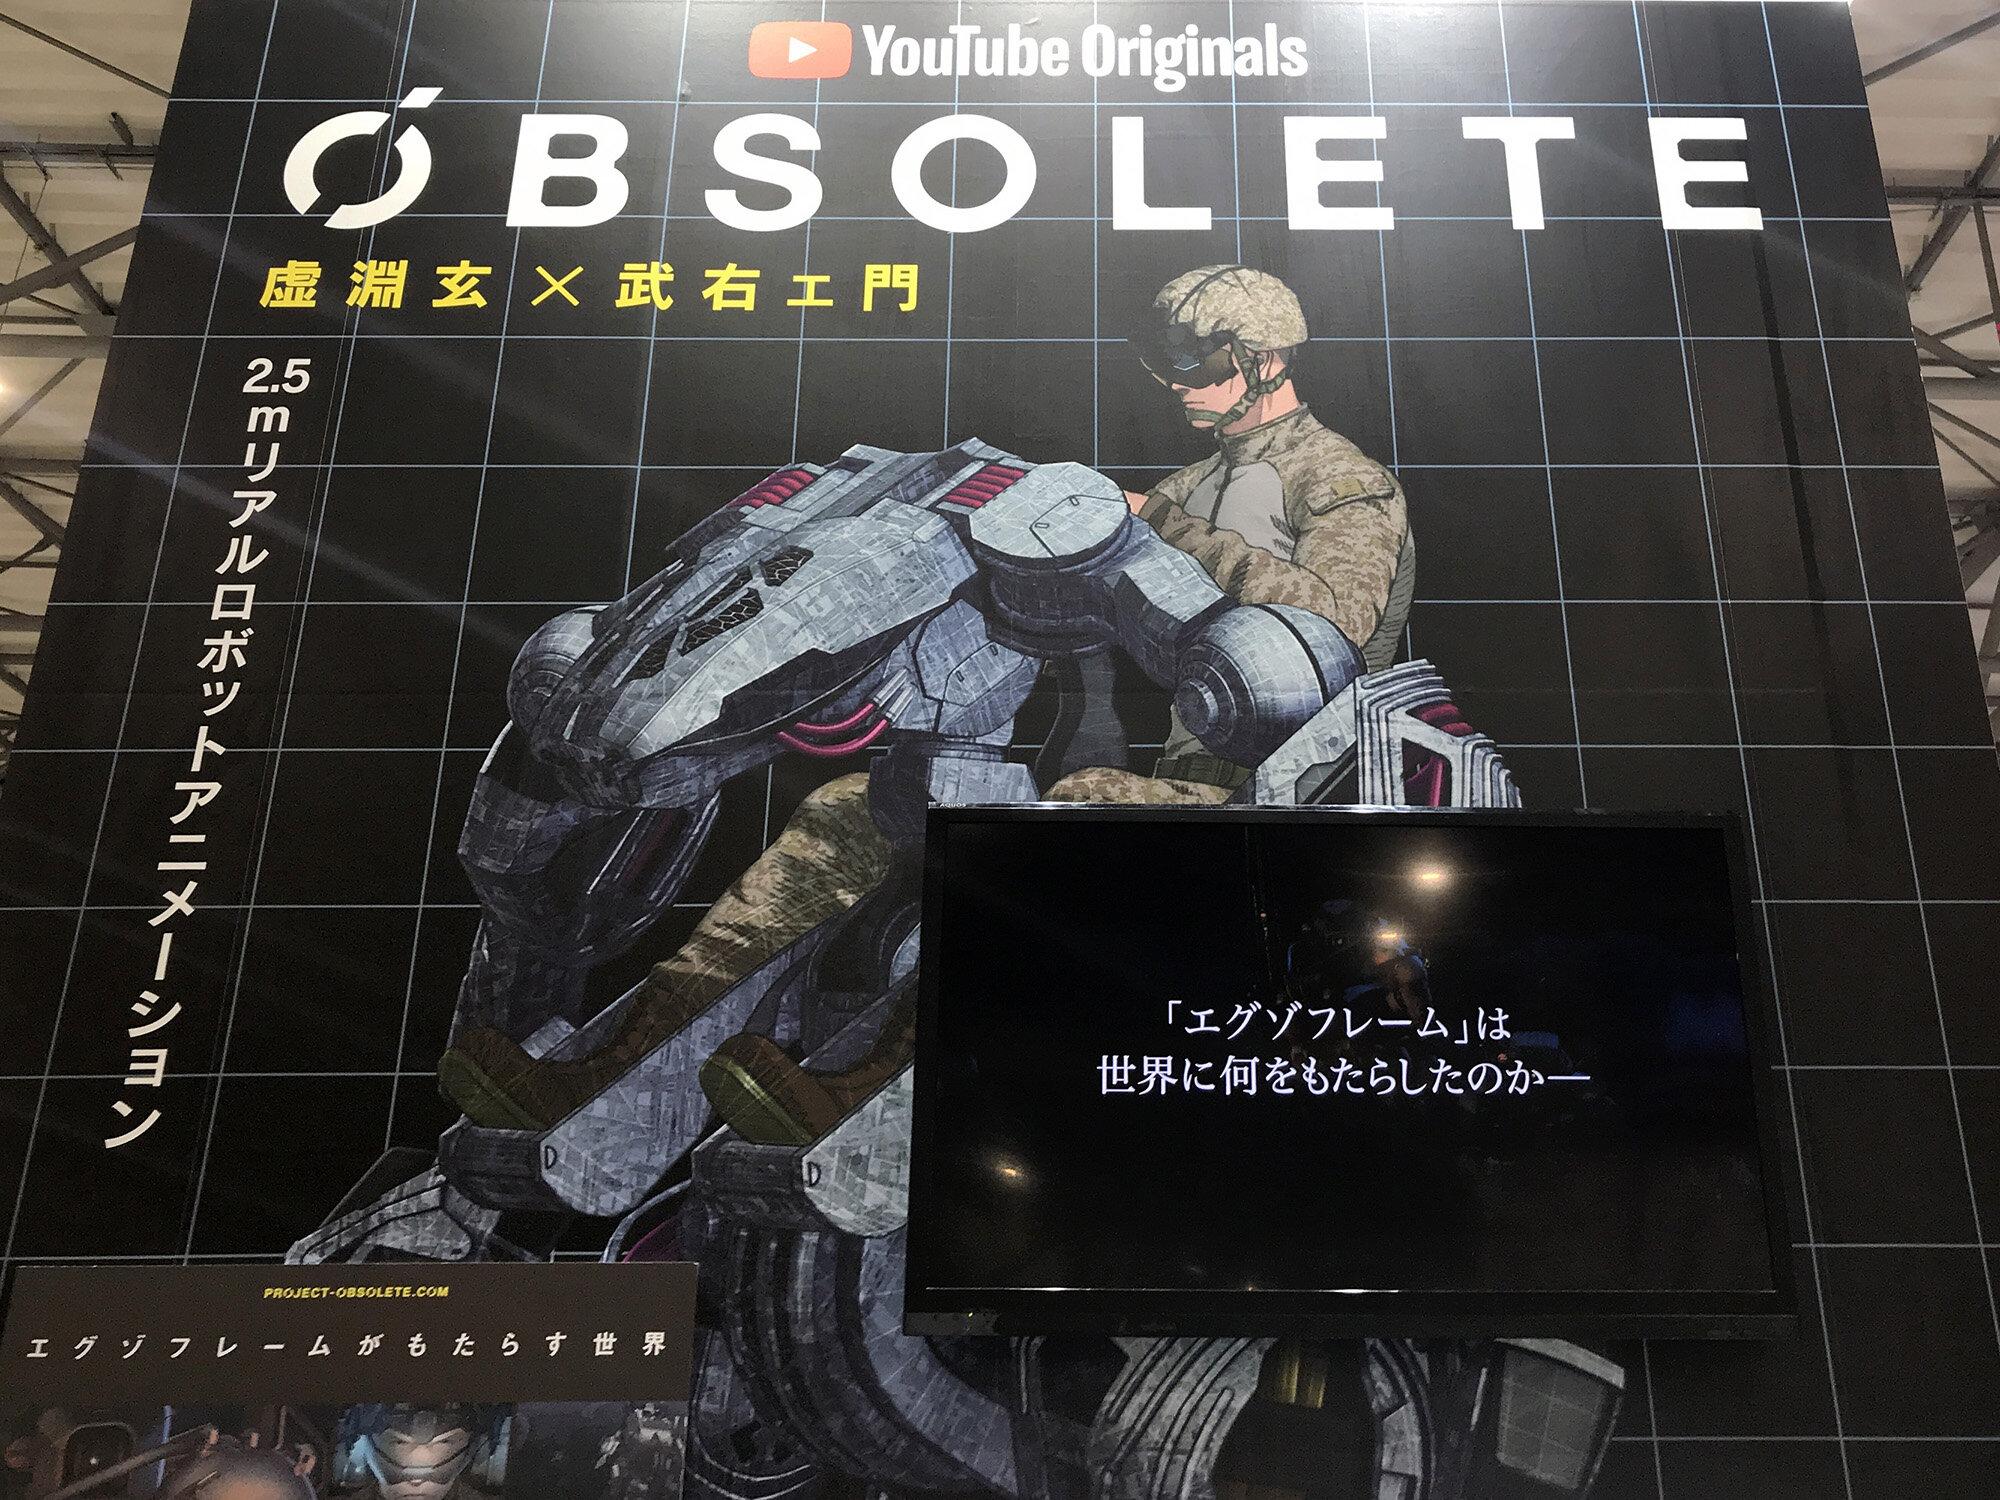 hs2019_obsolete_12.jpg